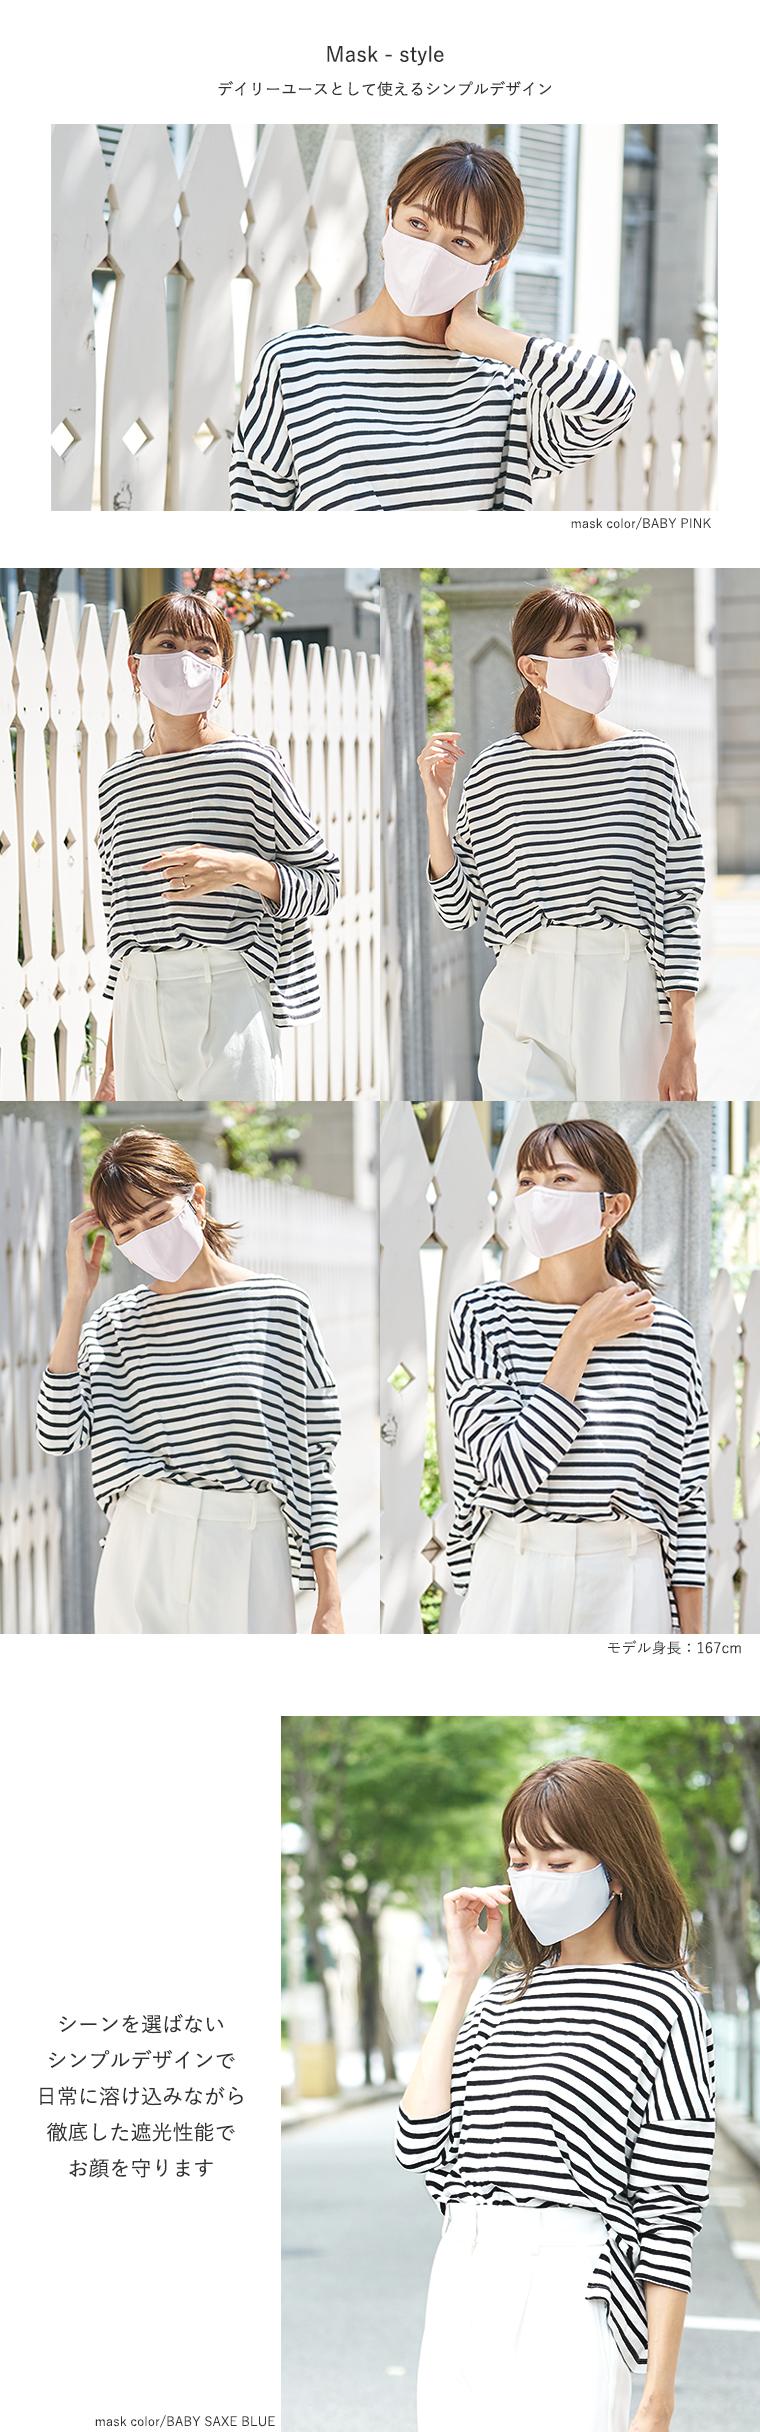 シンプルな遮光マスク